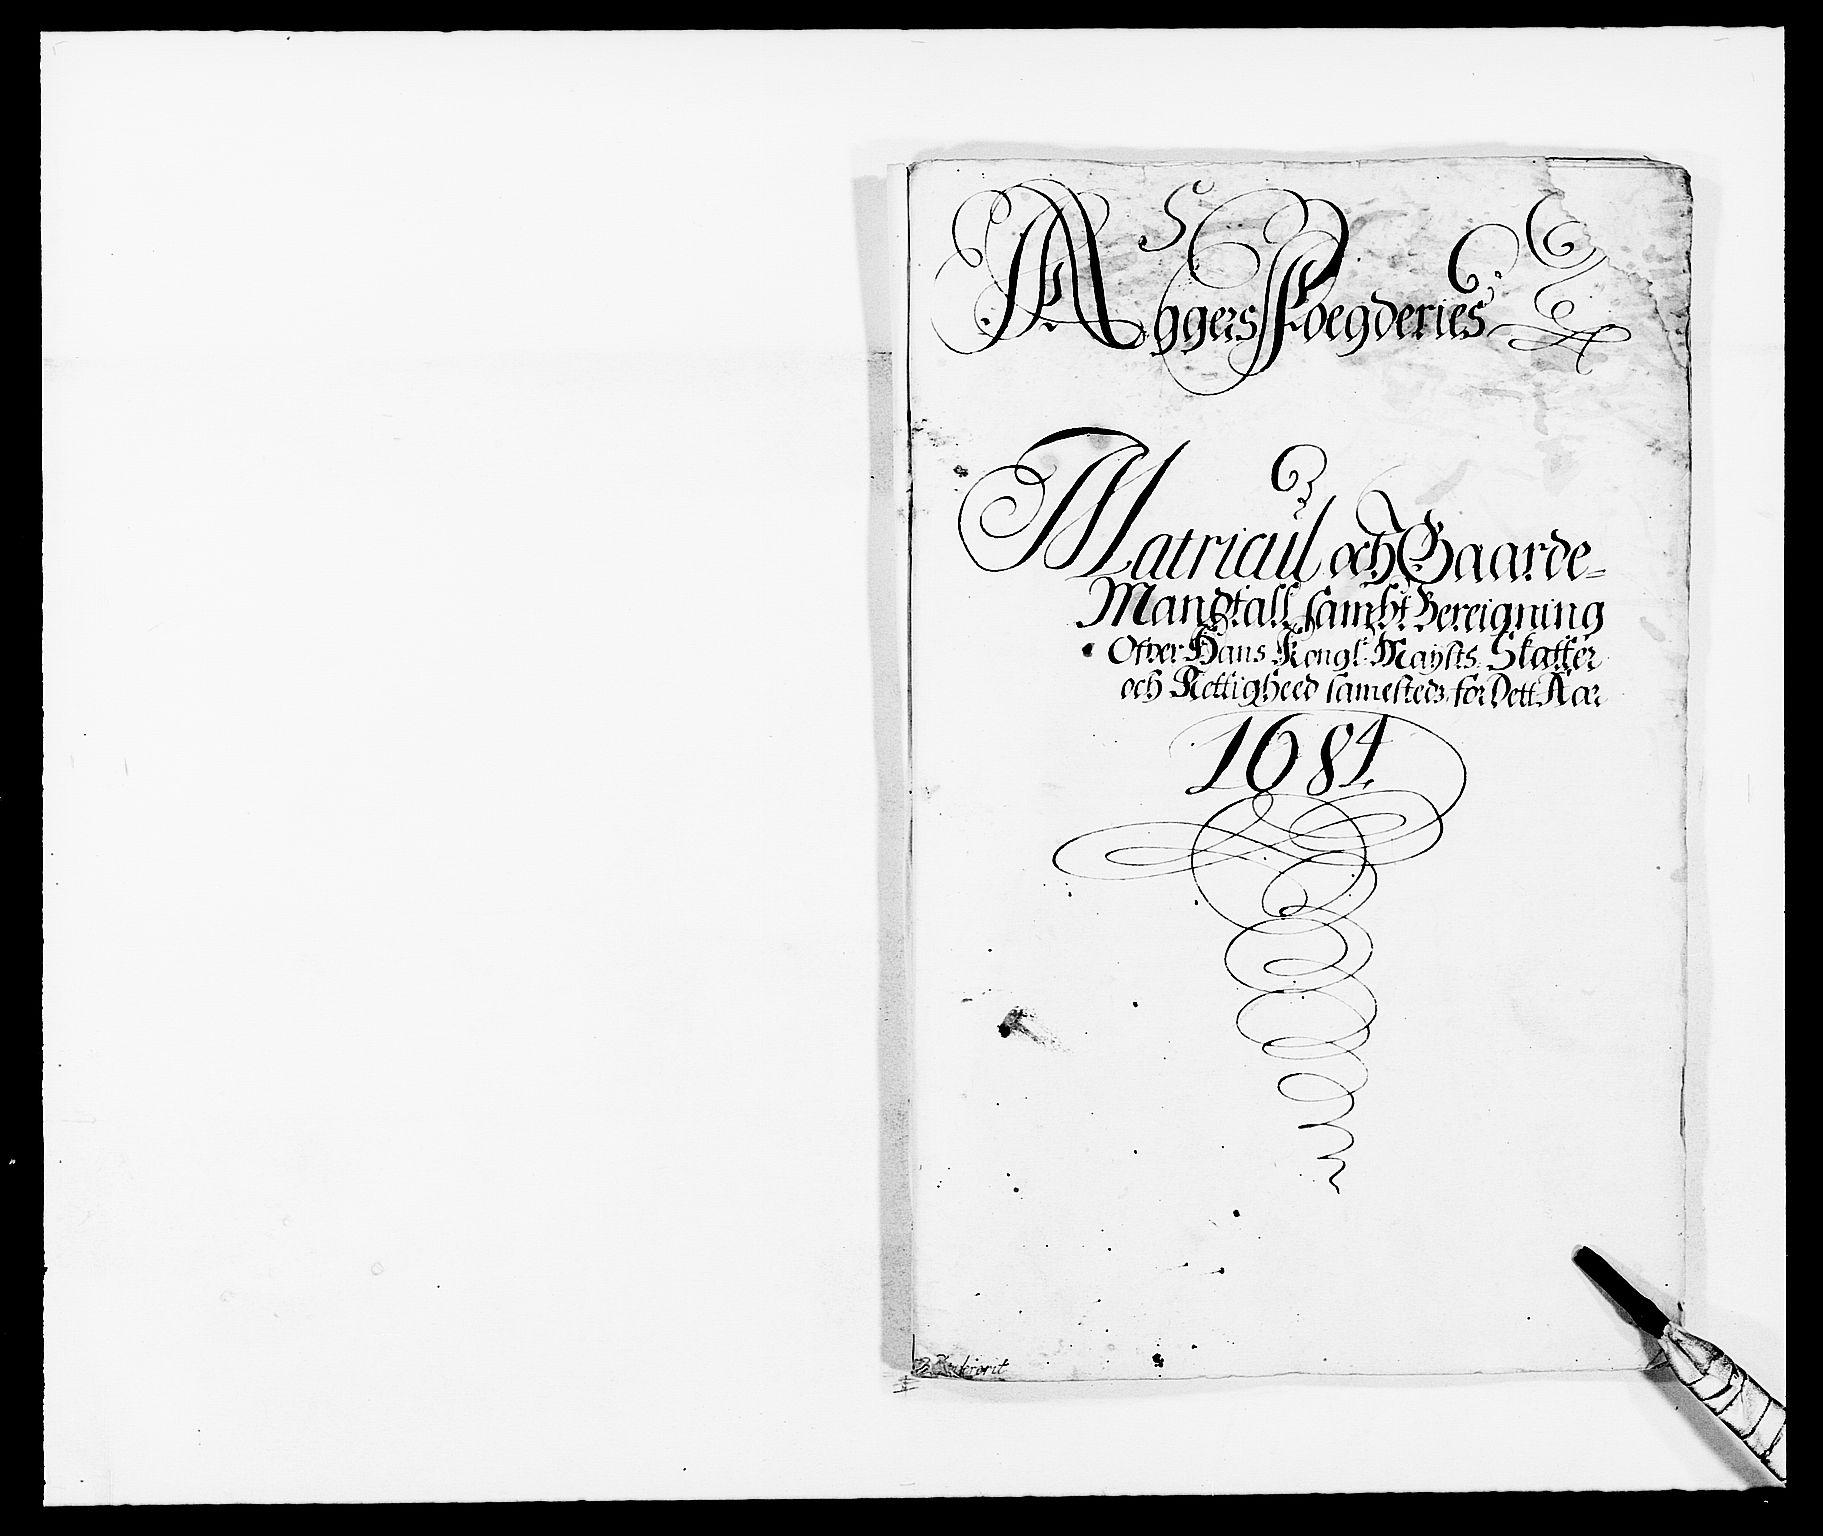 RA, Rentekammeret inntil 1814, Reviderte regnskaper, Fogderegnskap, R08/L0421: Fogderegnskap Aker, 1682-1683, s. 29